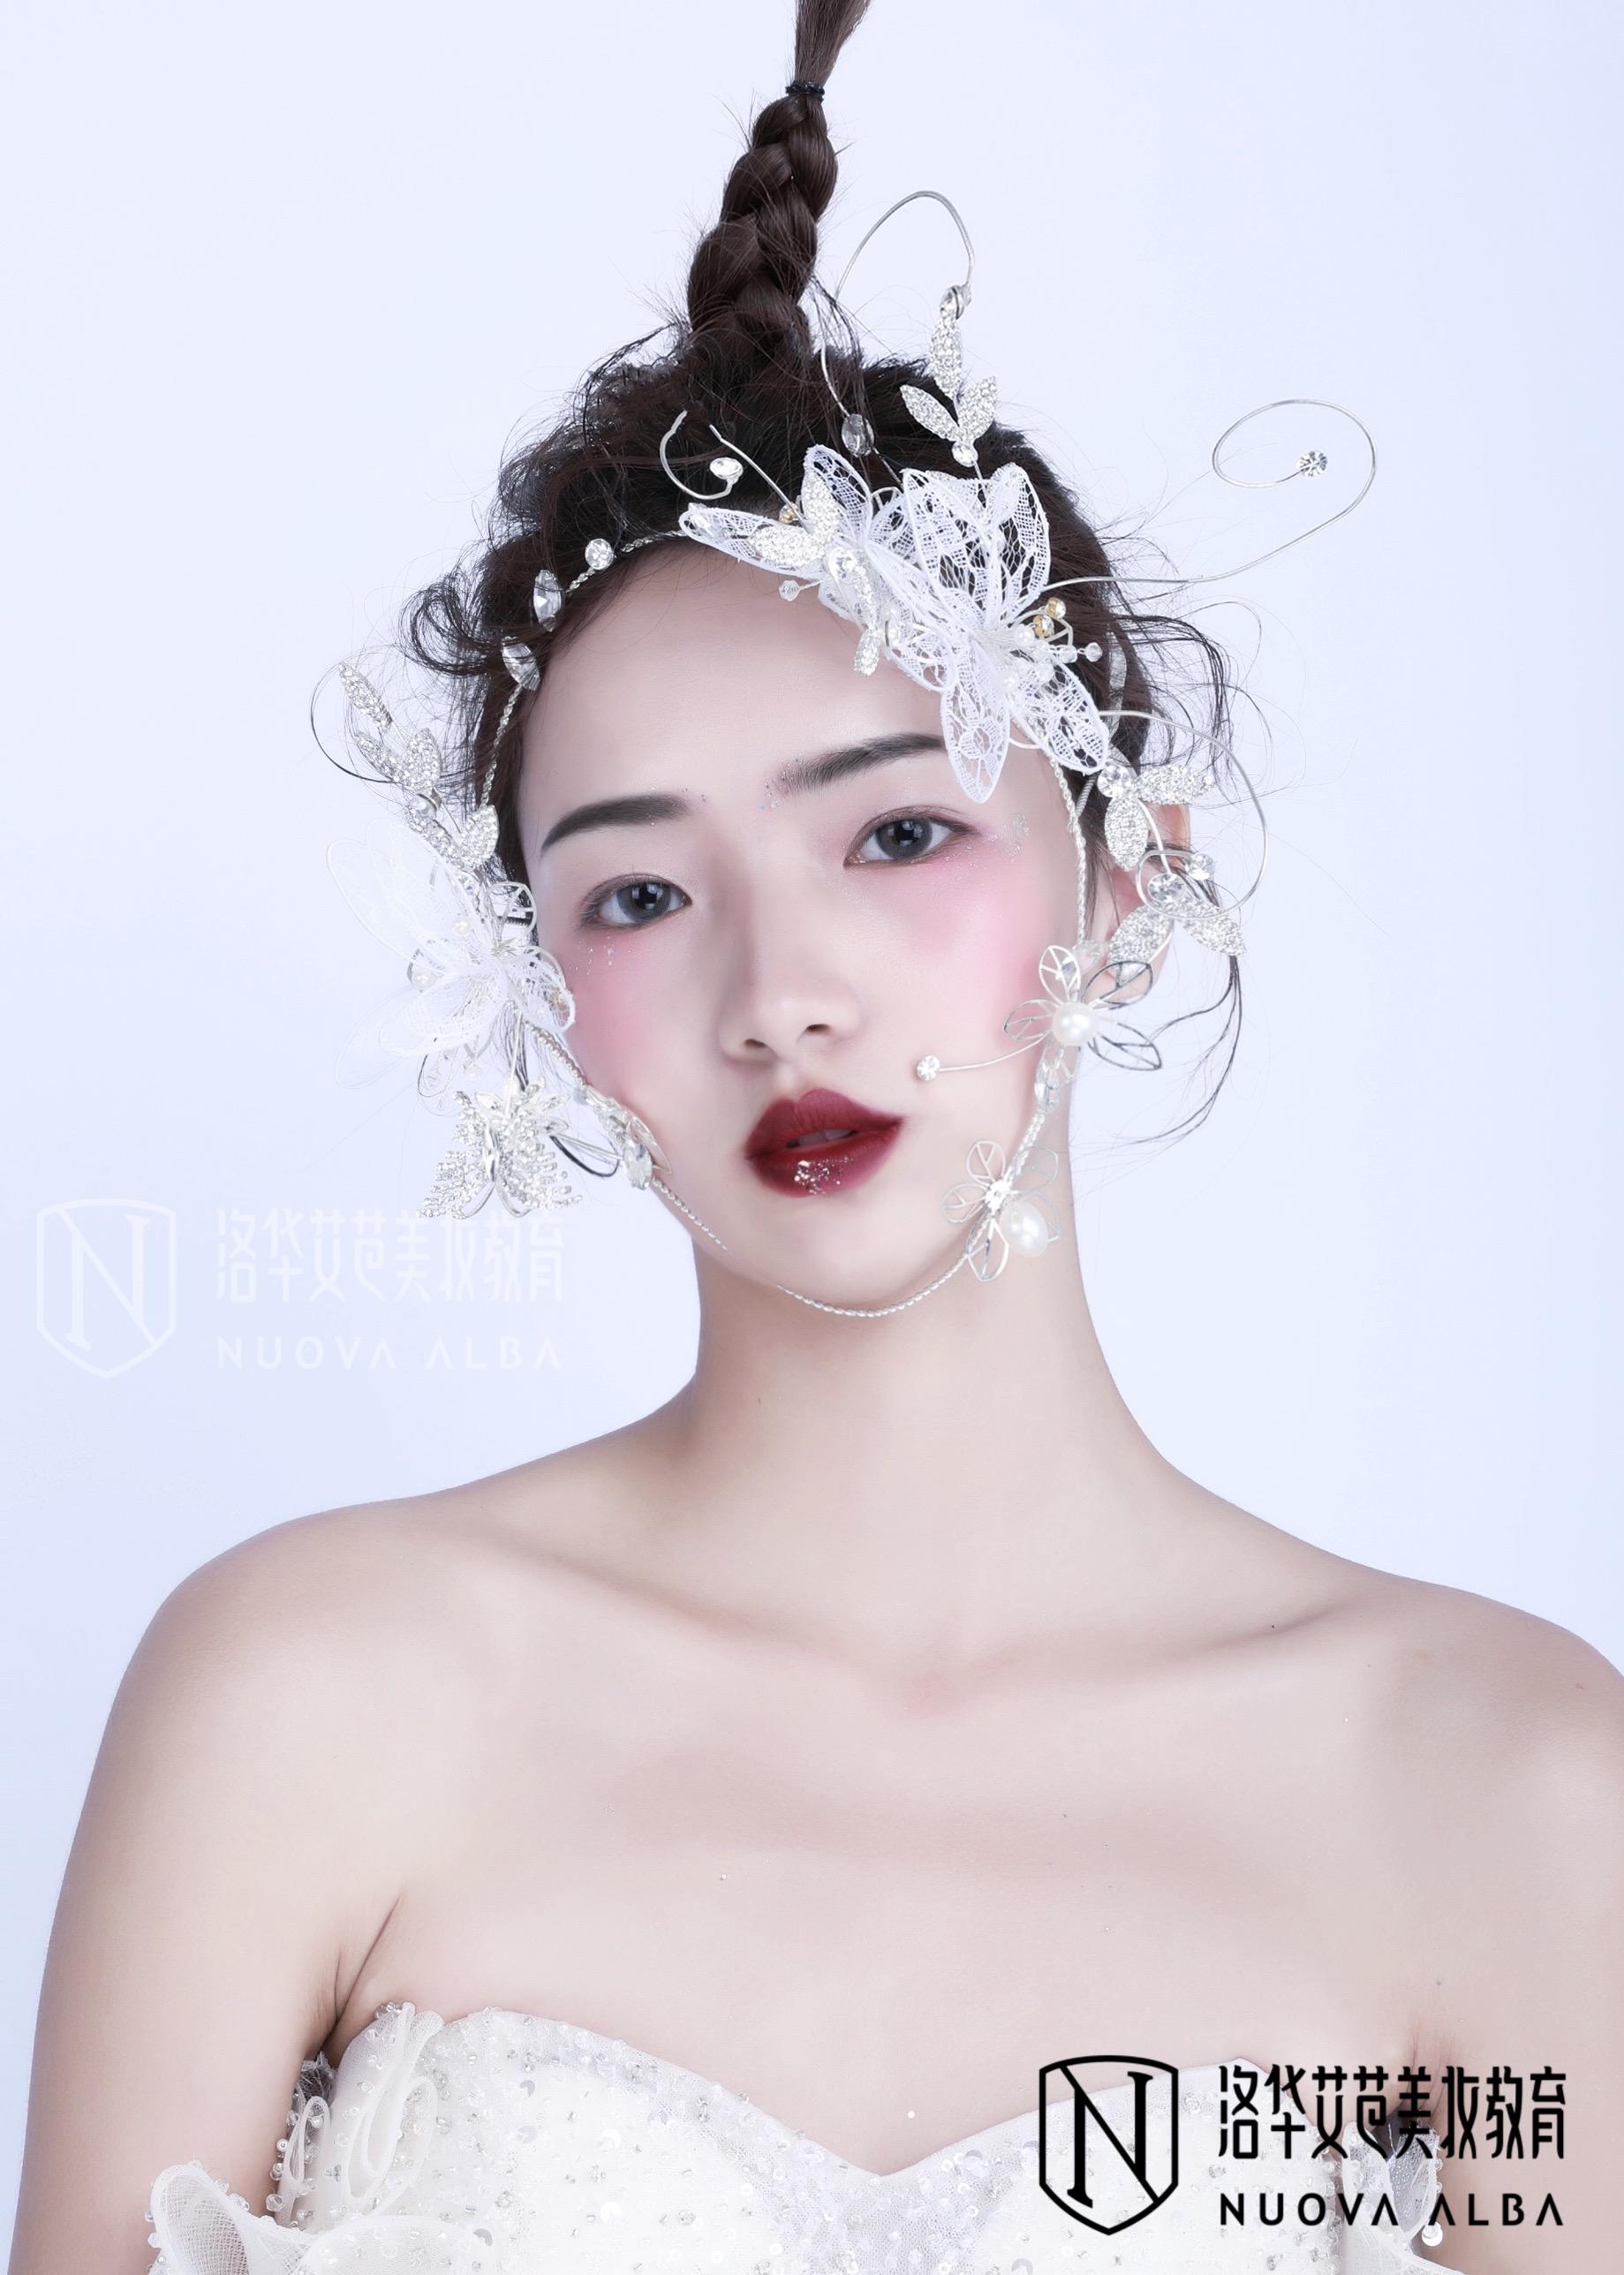 长沙学化妆价格多少钱